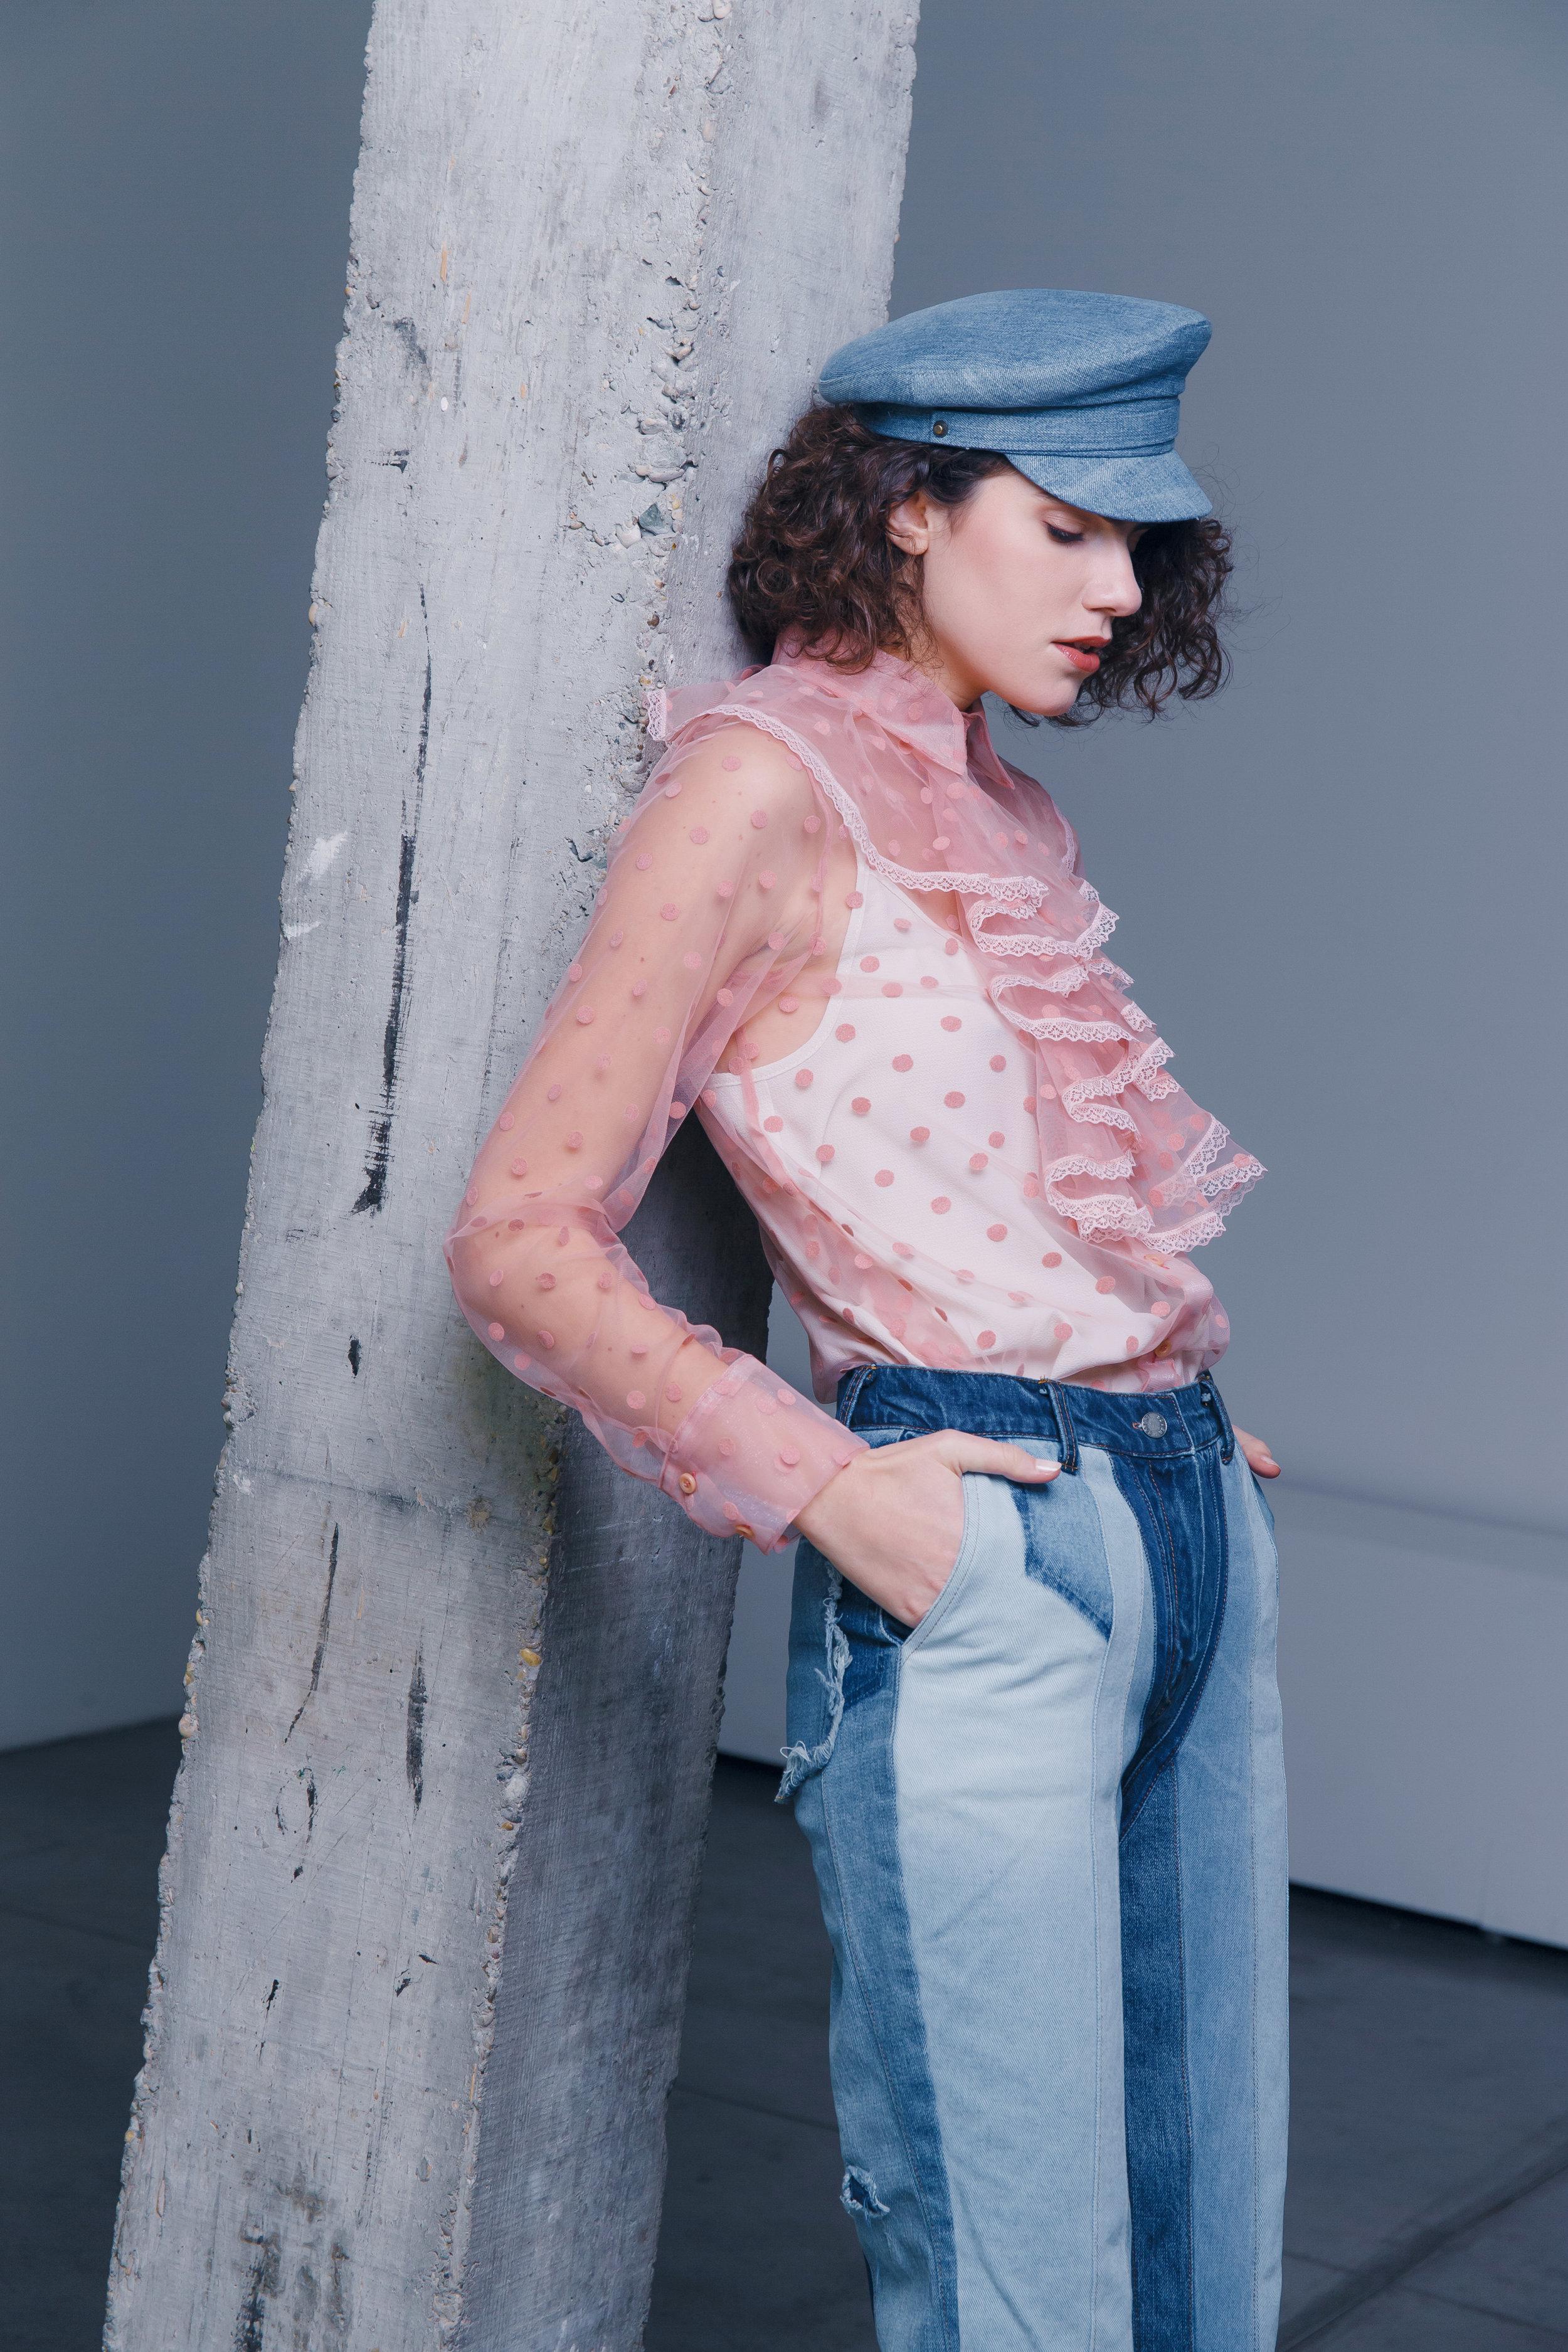 robert-severbipa-fashion-1.jpg